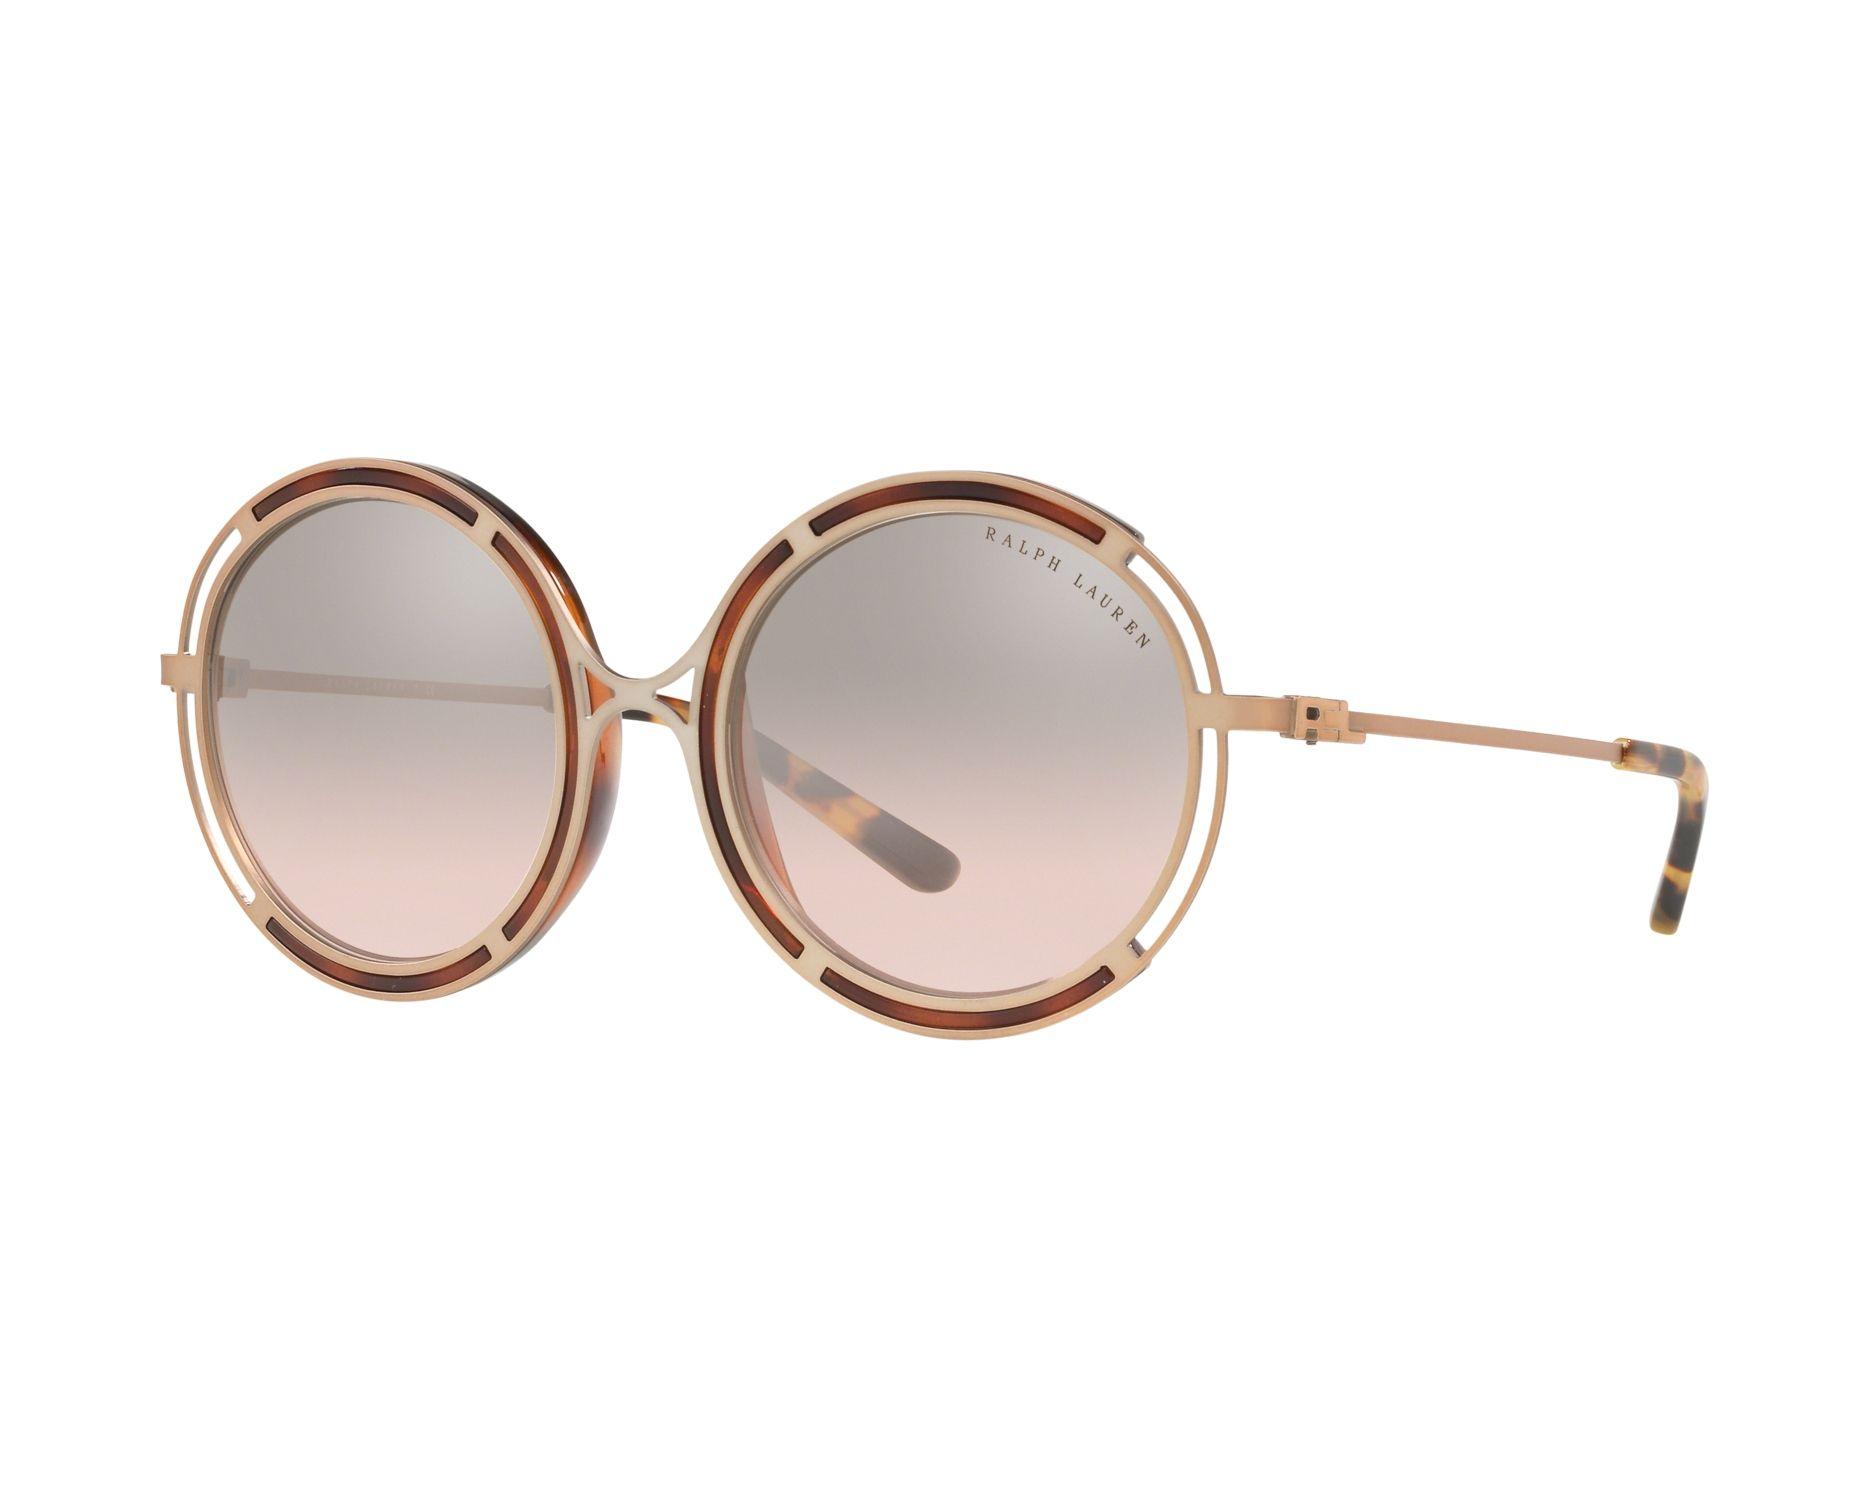 329ef3a0079 Sunglasses Ralph Lauren RL-7060 93508Z 53-20 Gold Copper Havana